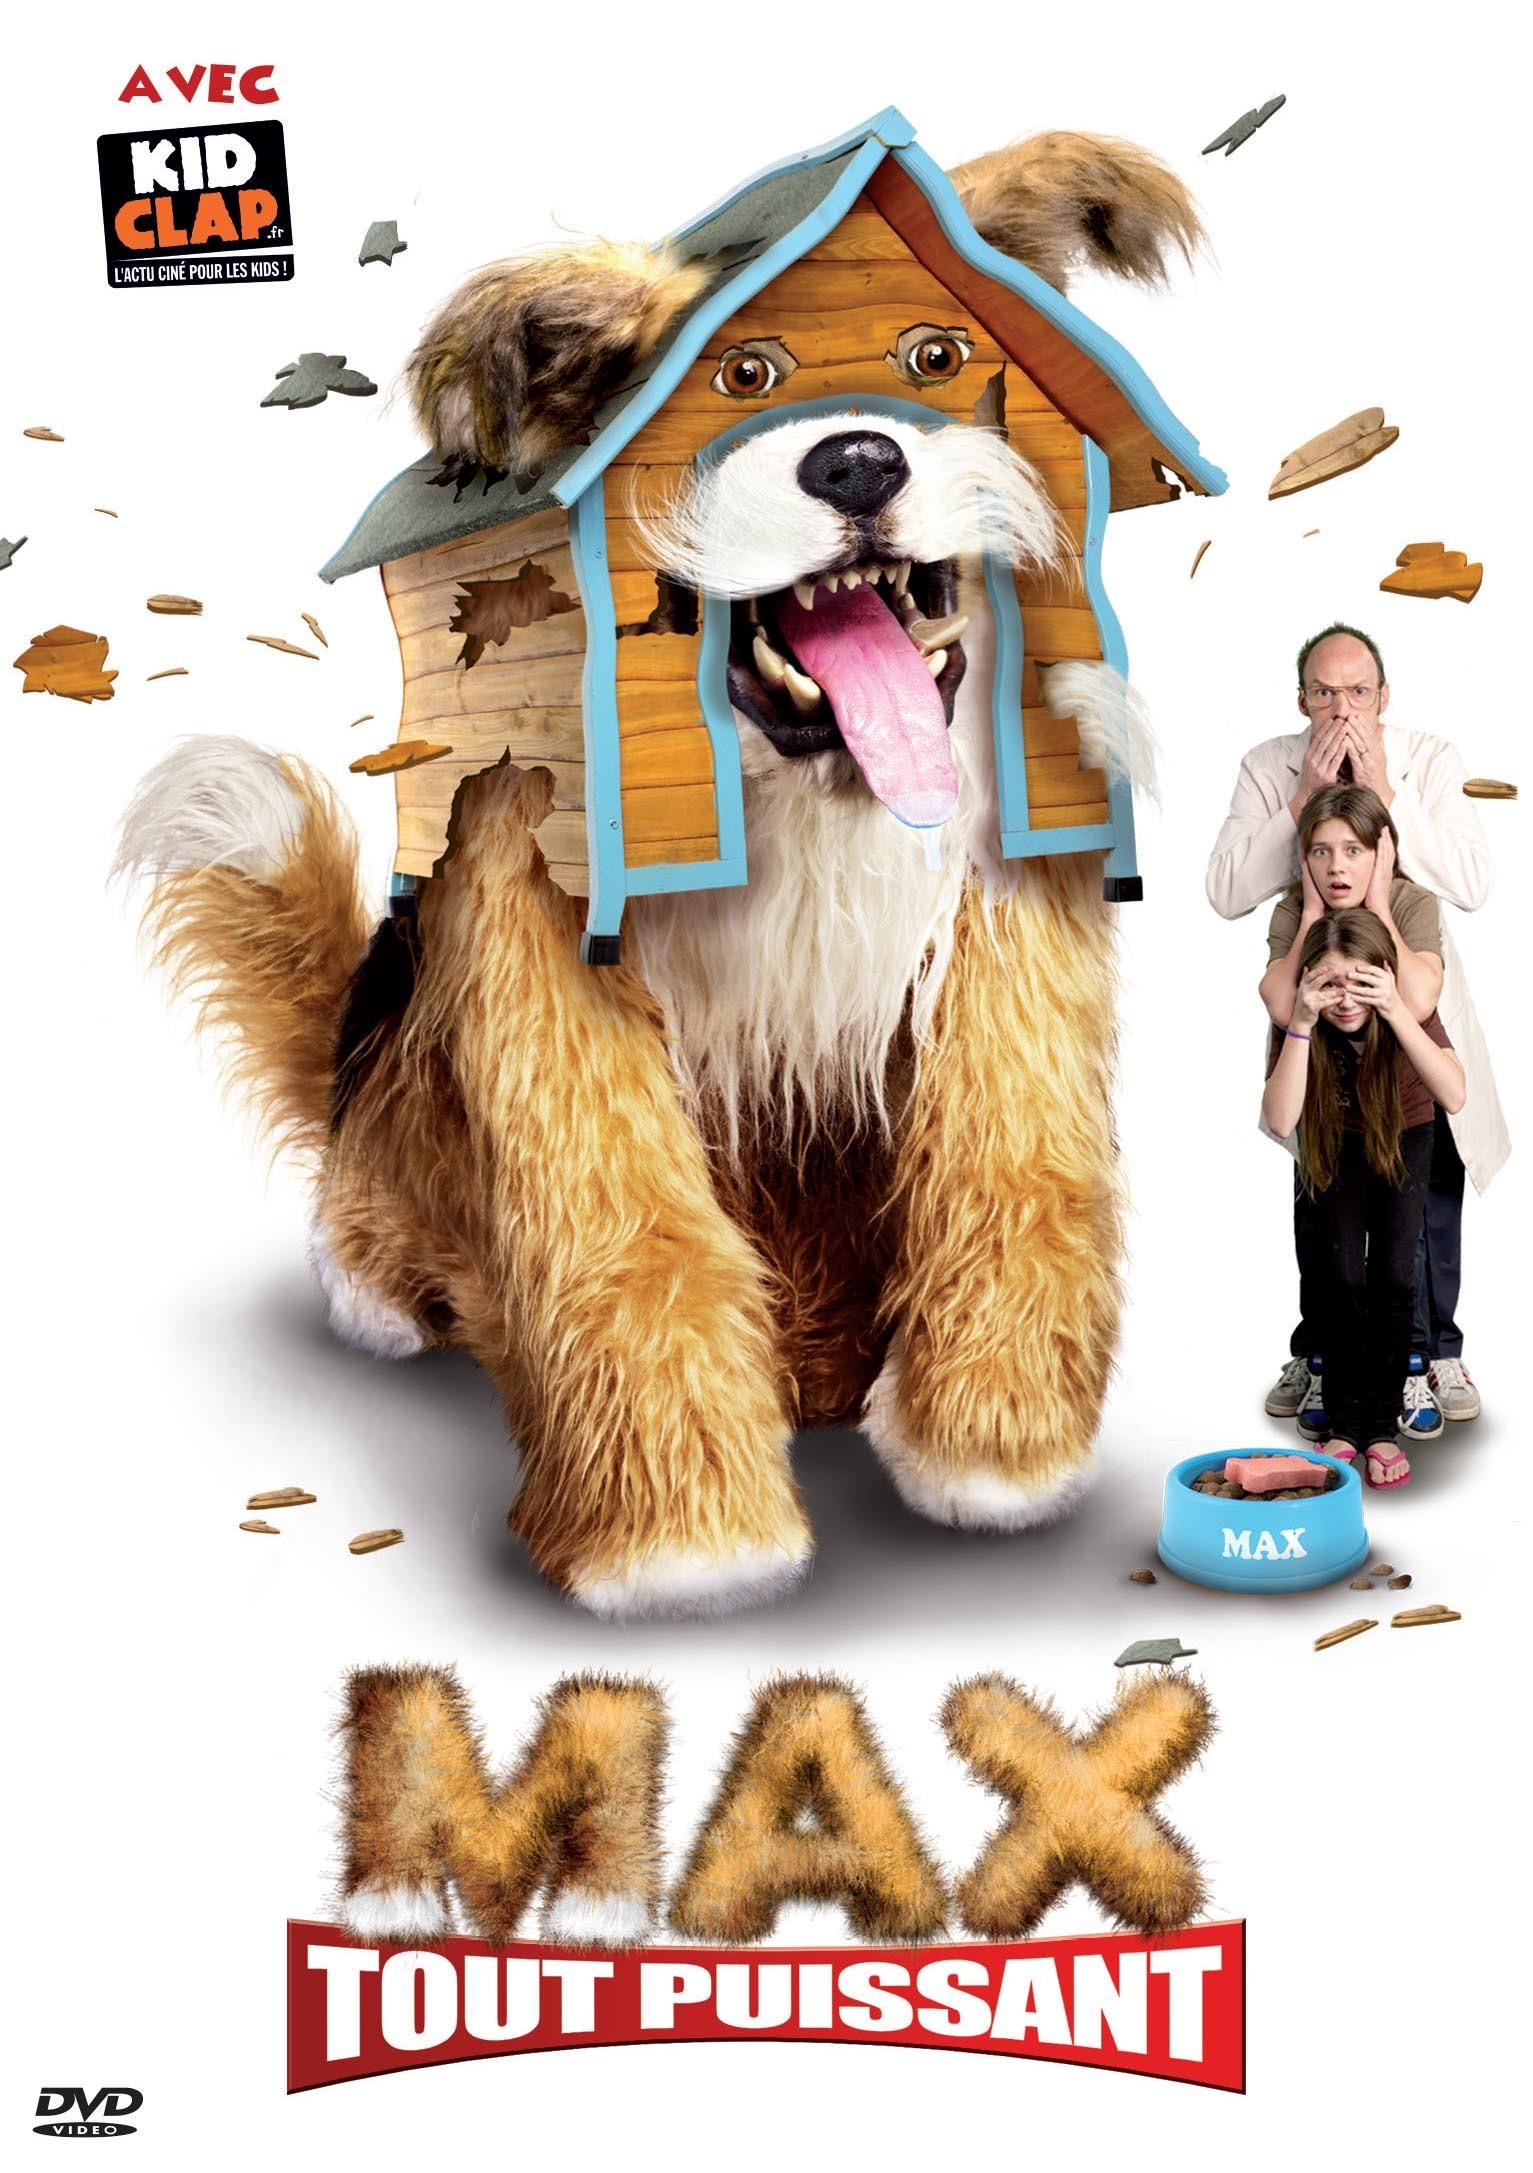 MAX TOUT PUISSANT - DVD